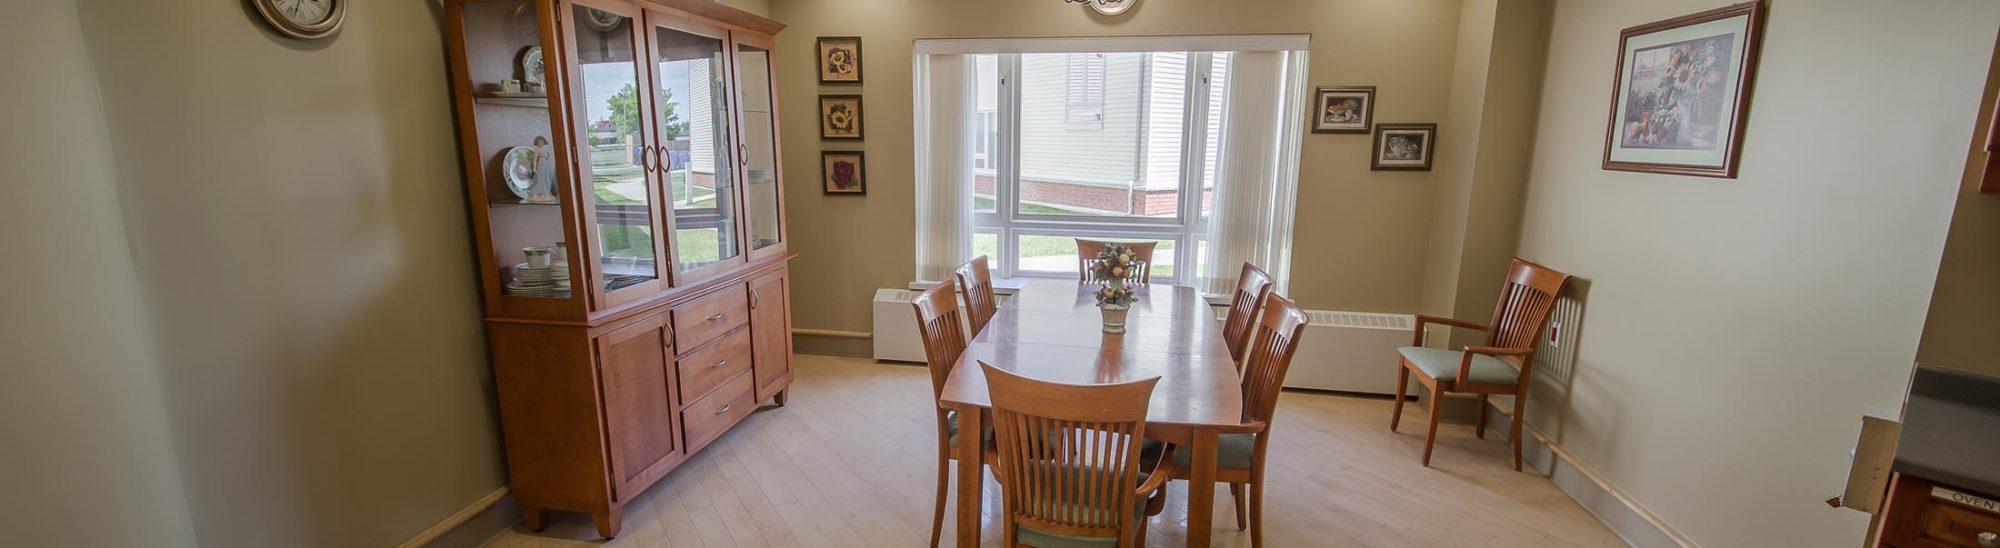 Facility & Room Rentals